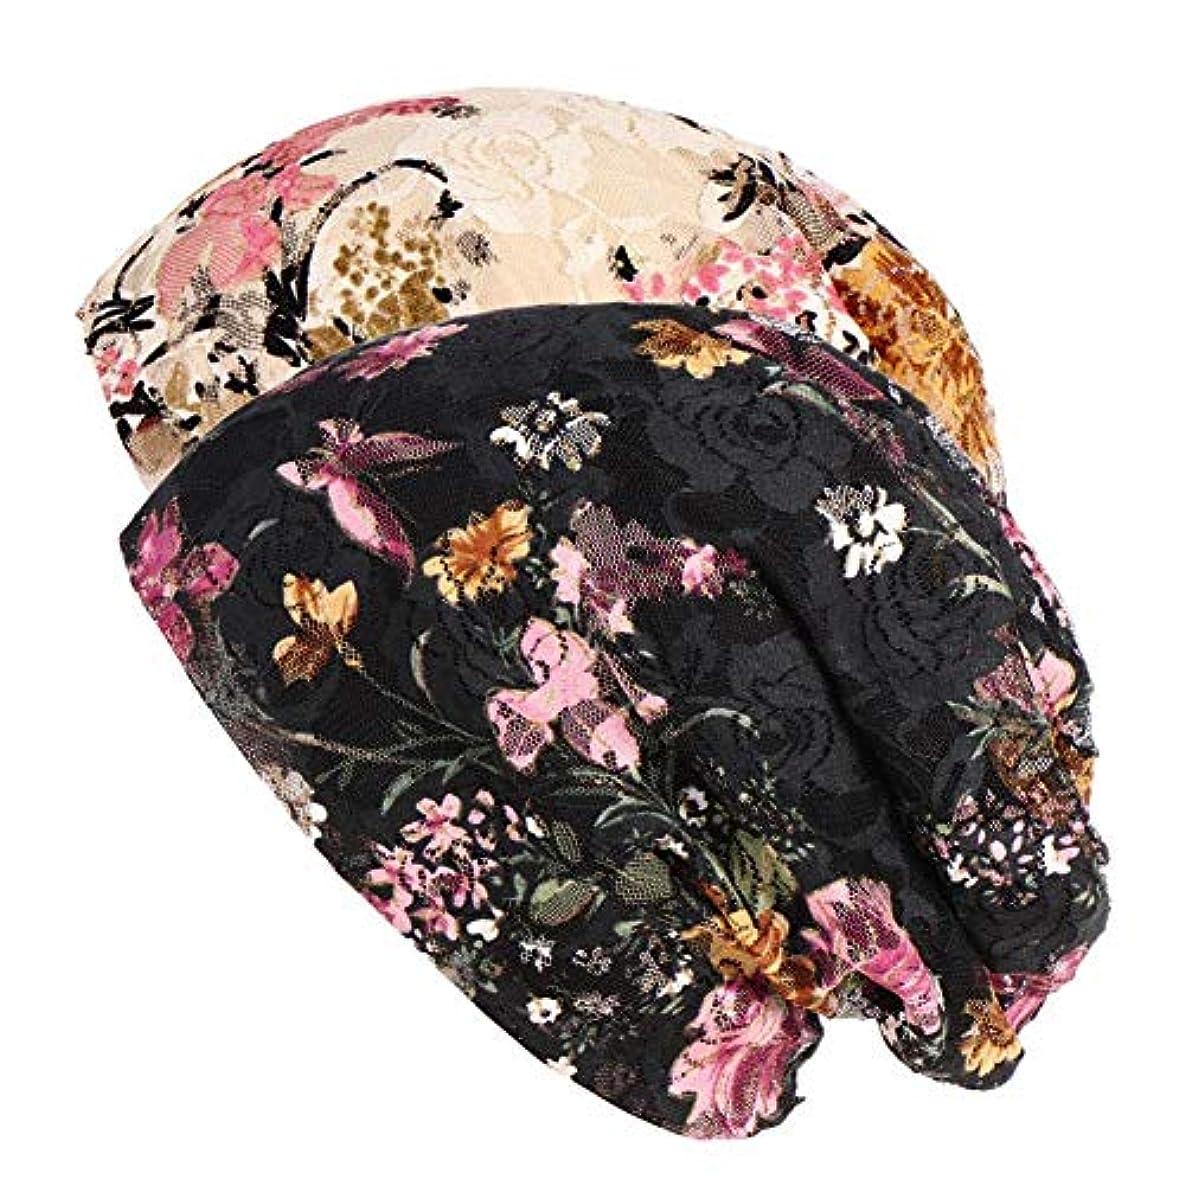 の間で眉麺ヘッドスカーフ レディース ビーニーハット レディース 柔らかい 多用途 頭飾り 軽量 通気性 眠り、化学療法 、 キャンサーと脱毛症